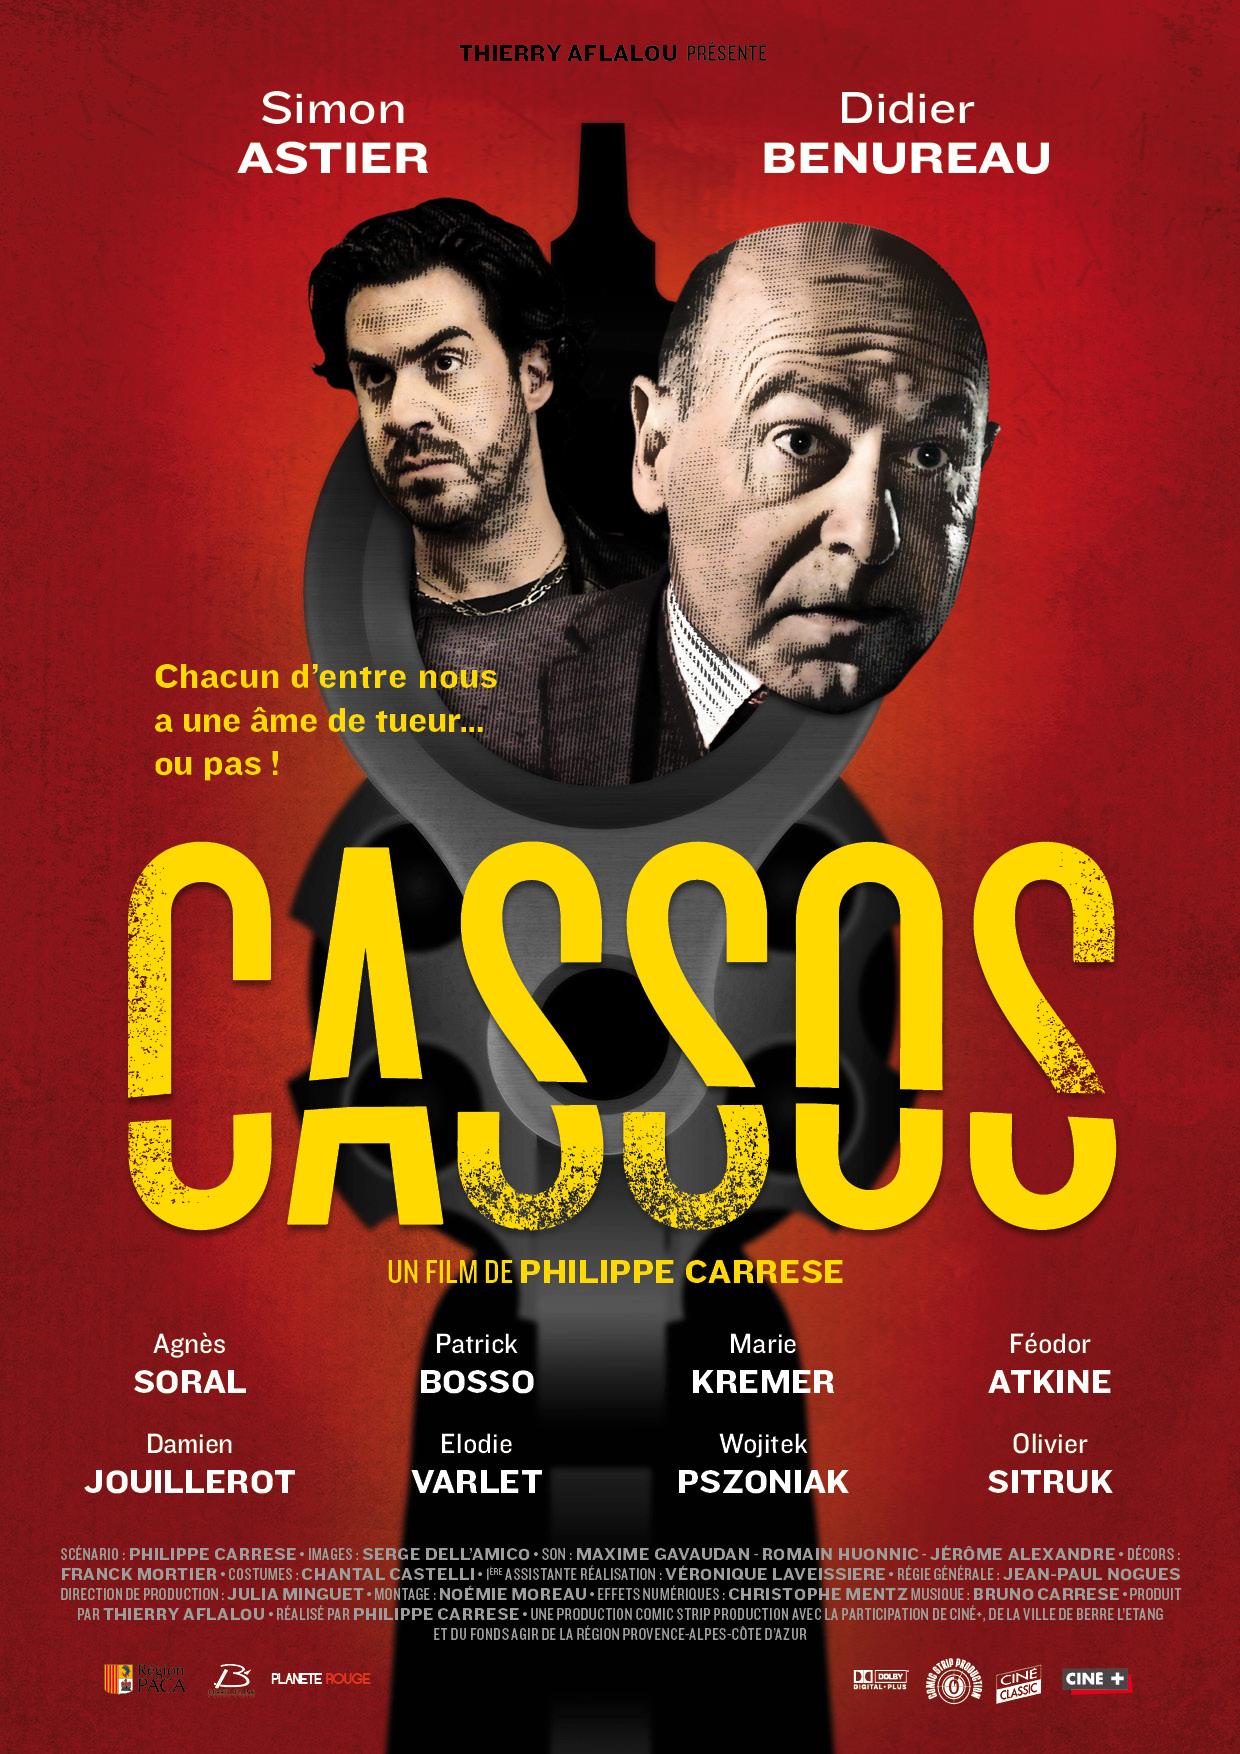 Cassos avant premi re et sortie en salles philippe carrese - Cinema les arcades salon de provence tarif ...